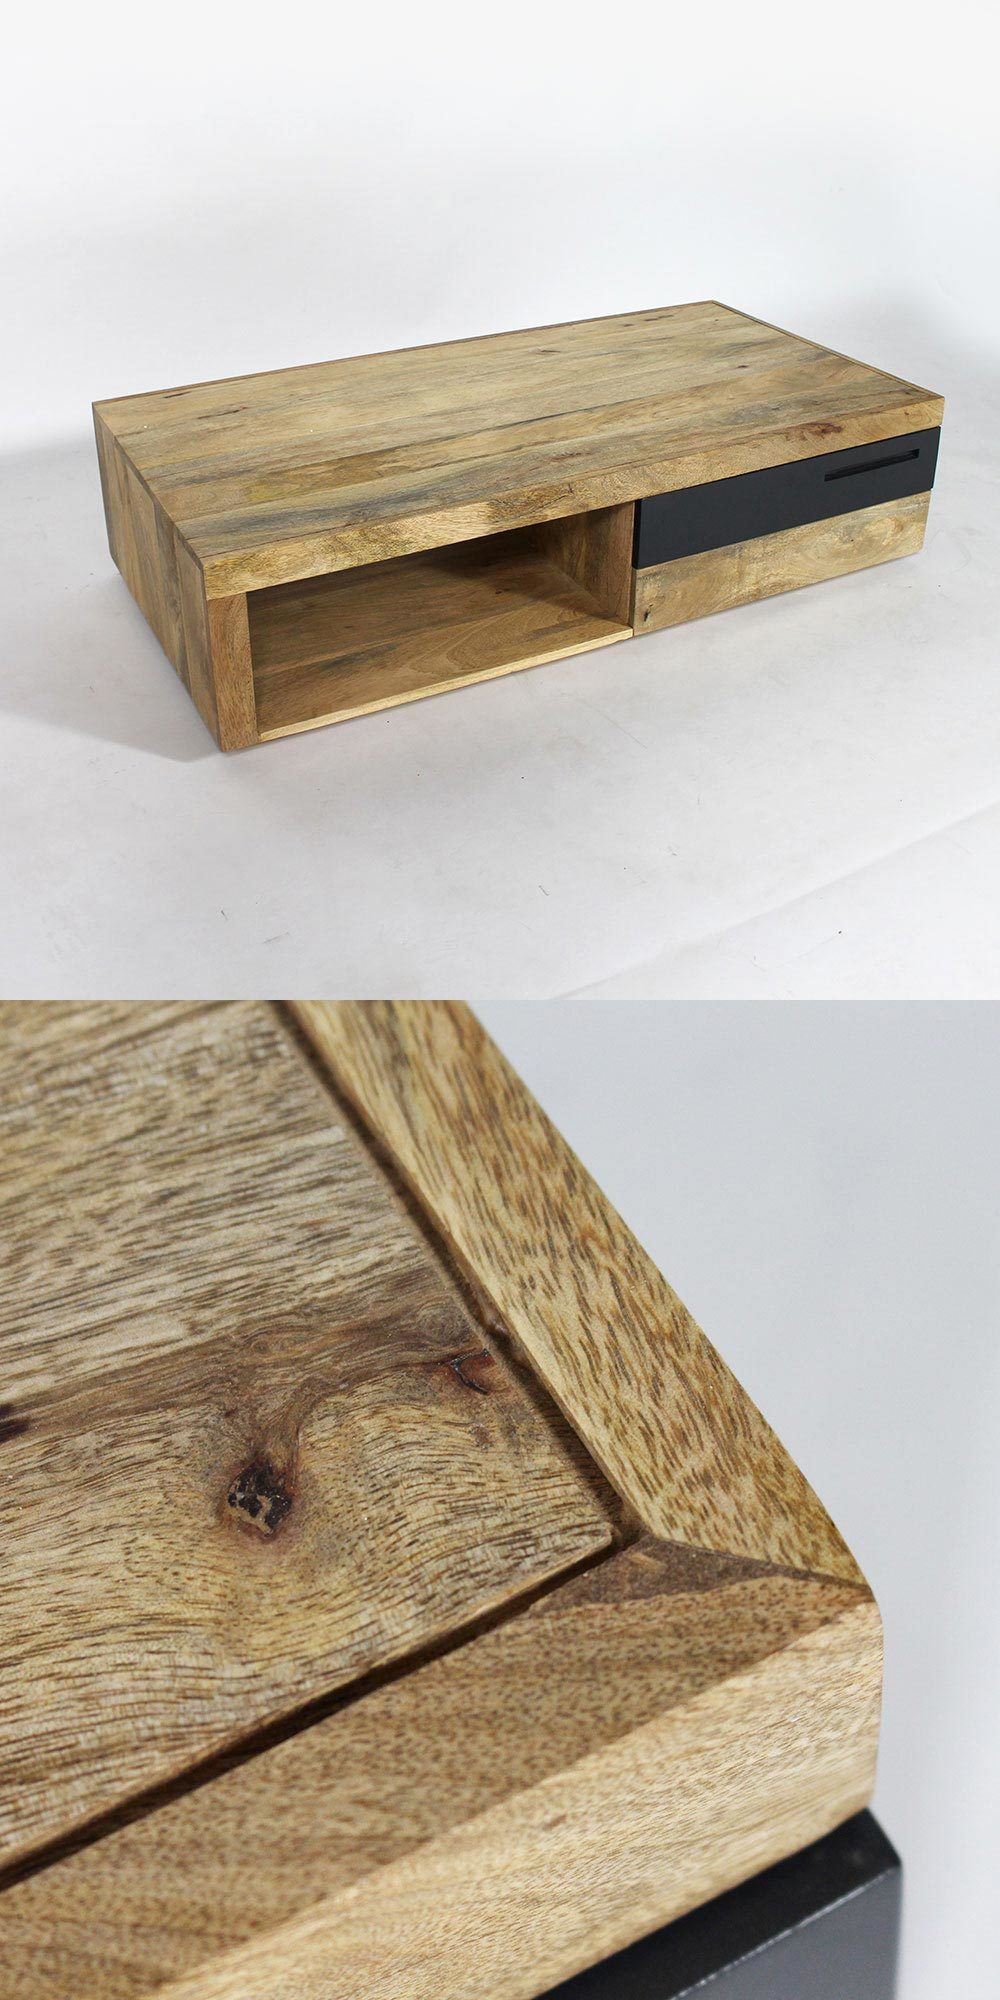 Table basse en bois massif bois de manguier clair et robuste table rectangulaire moderne et - Table basse en manguier ...